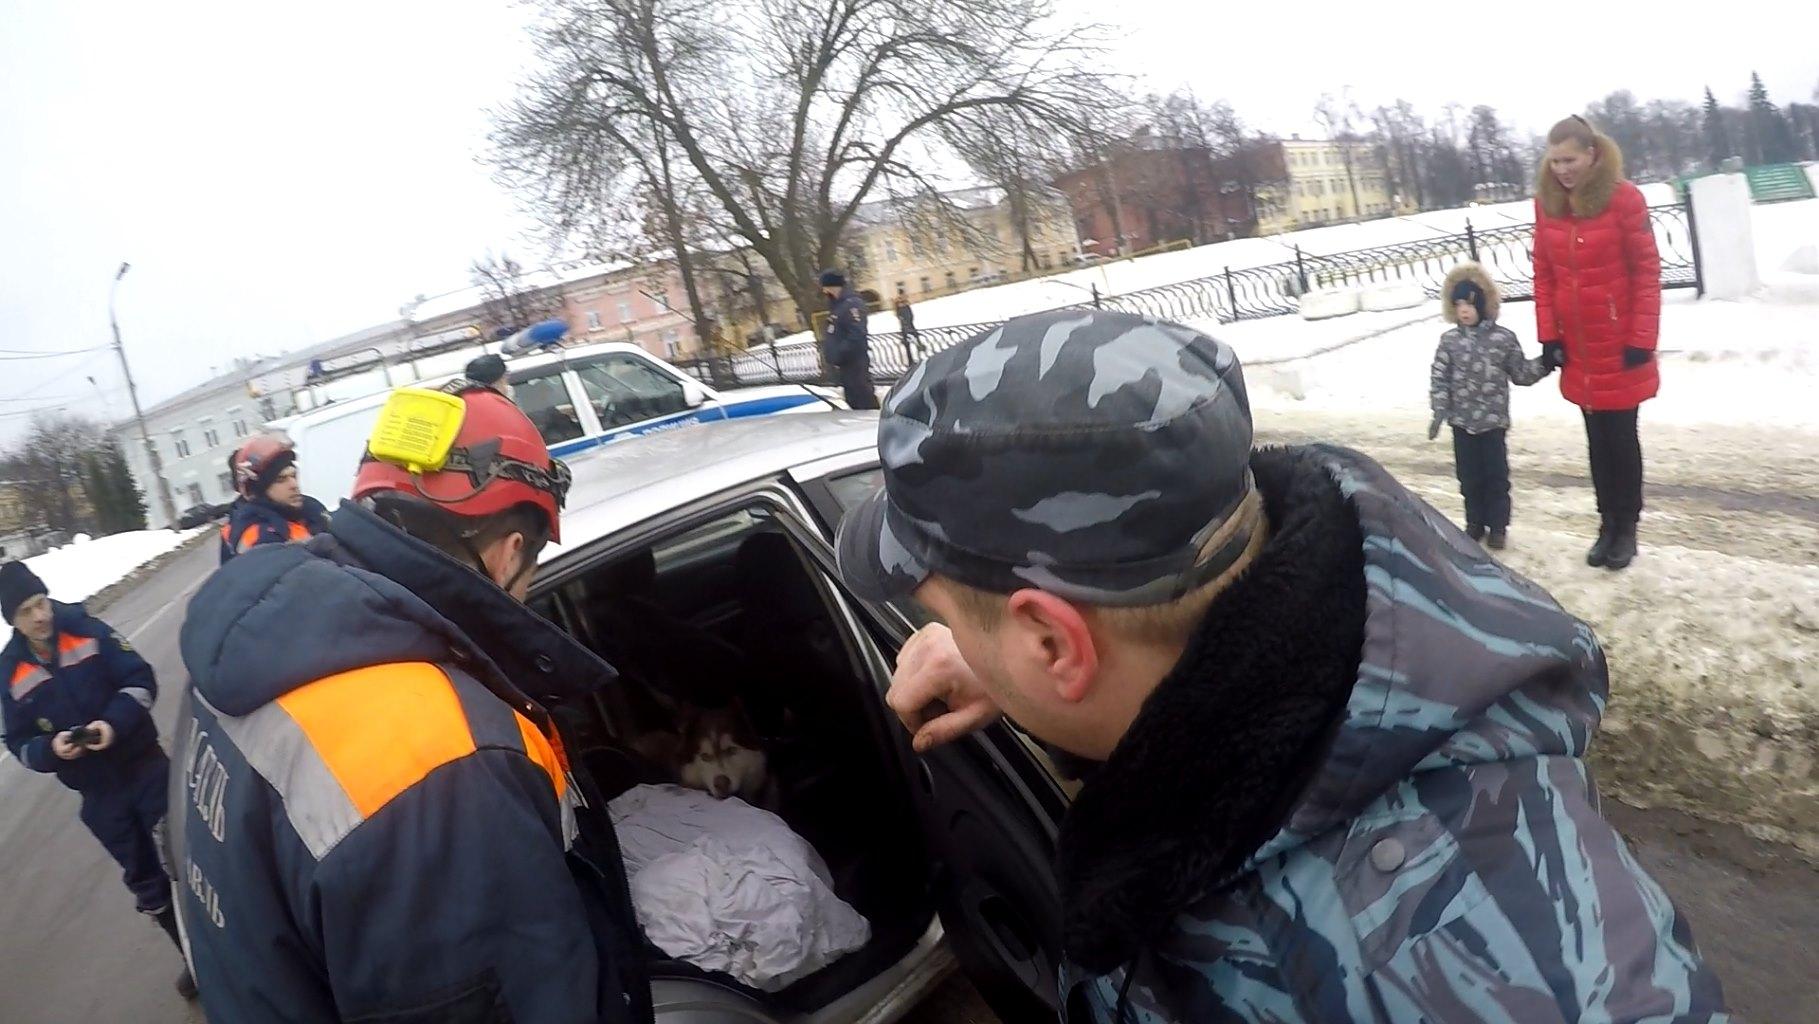 В Ярославле собака оккупировала чужую машину: спасатели пришли на помощь женщине с ребенком